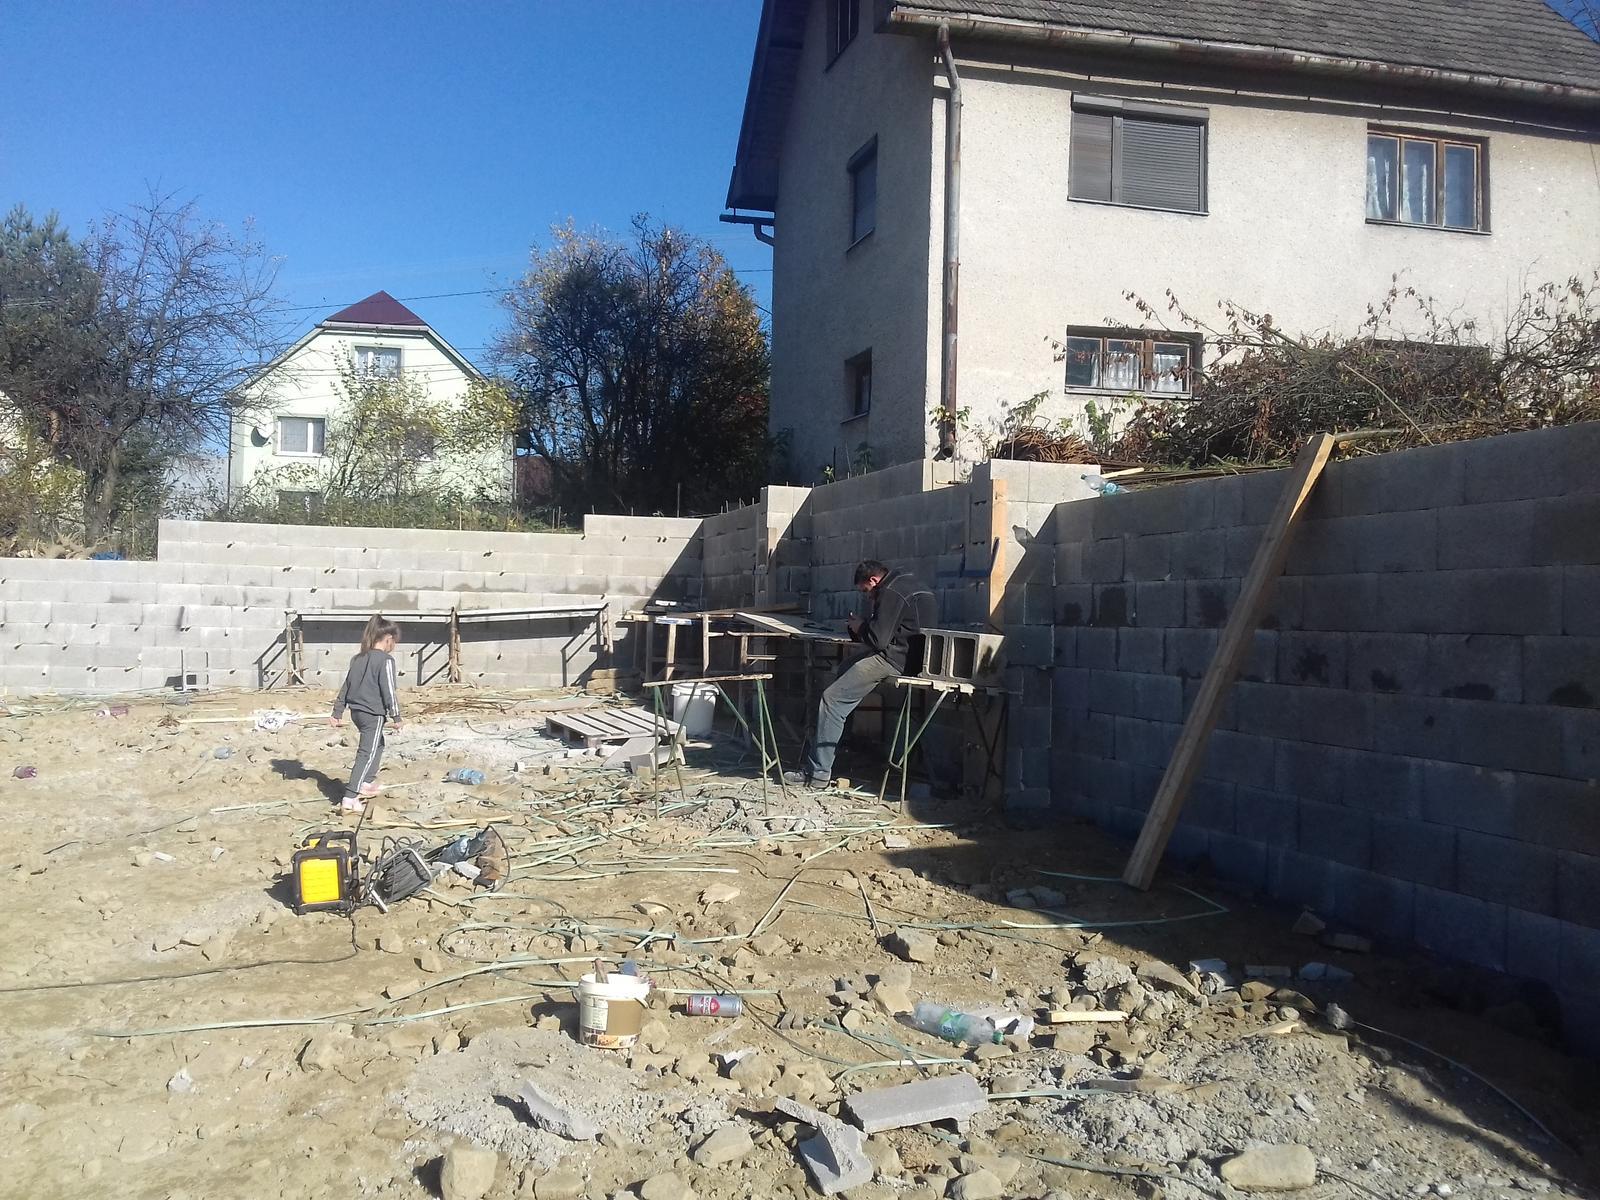 Najprv oporny mur a potom dom... - Obrázok č. 17